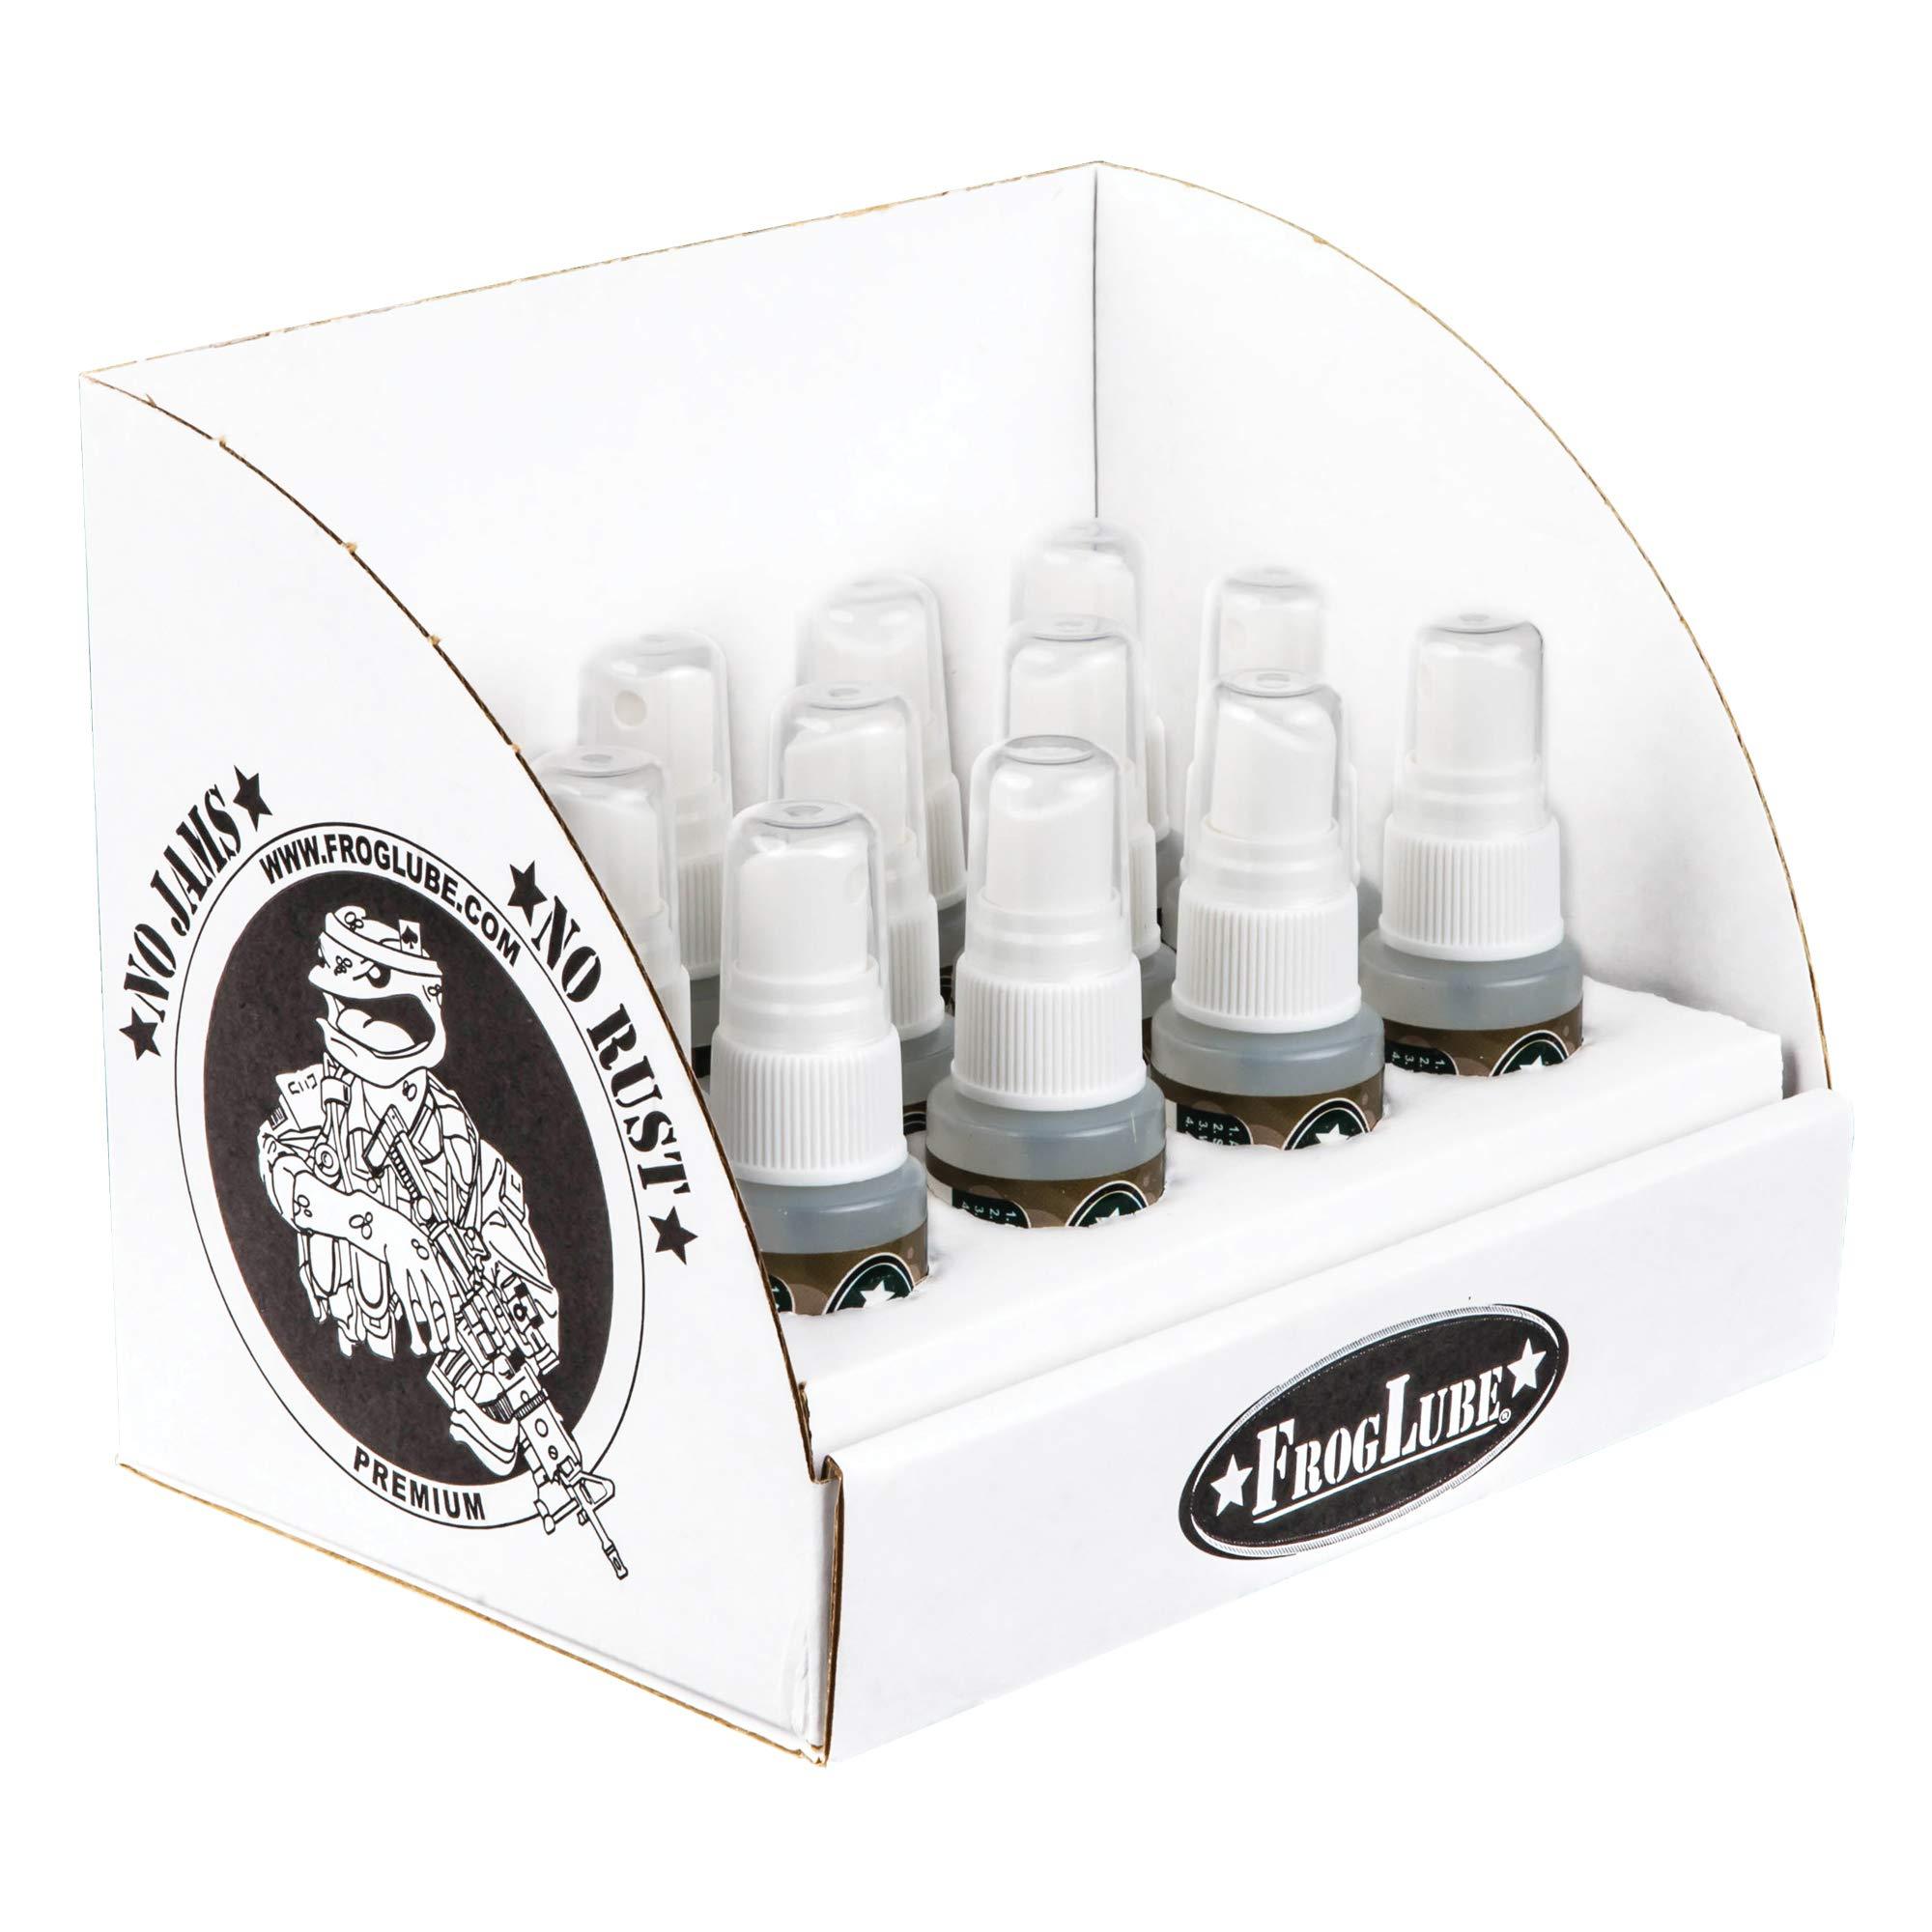 Frog Lube 14966 Solvent Spray 1oz 12 Pack of Bottles